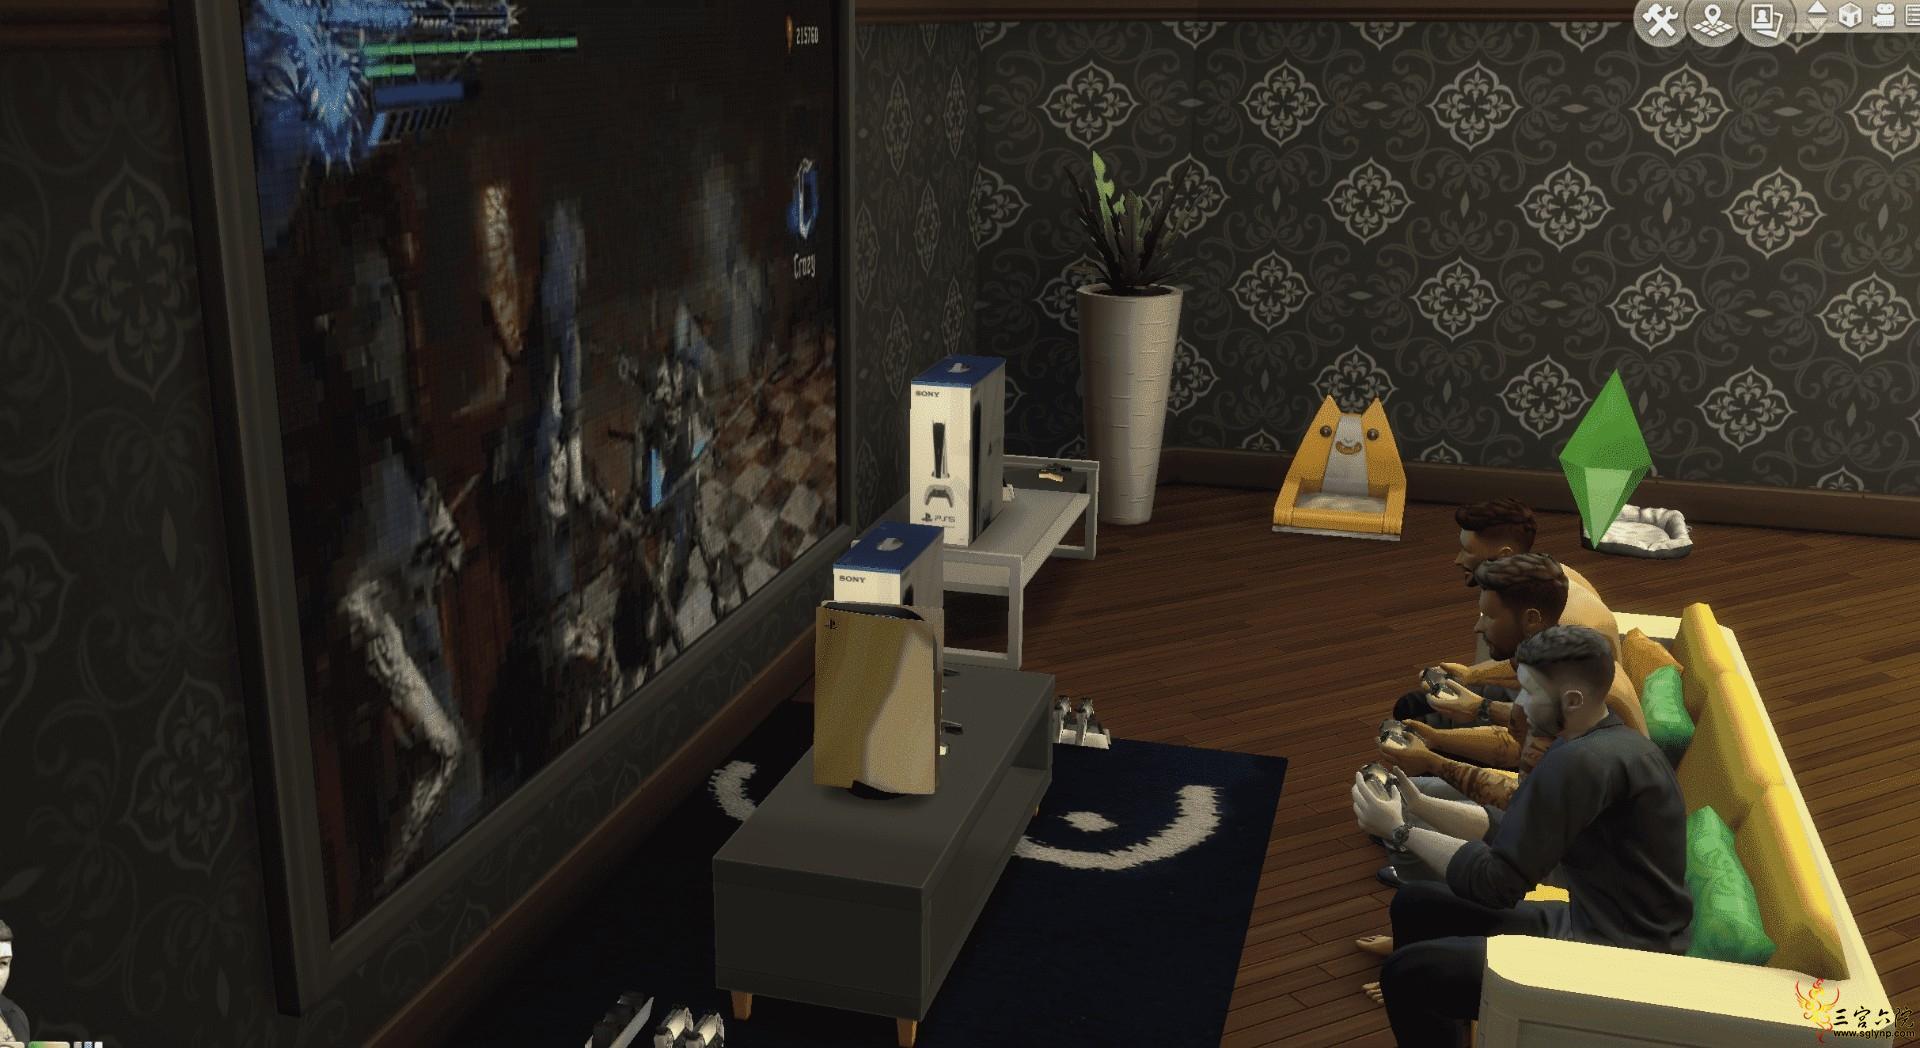 PS5游戏模组汉化-作者QQ1105560.png